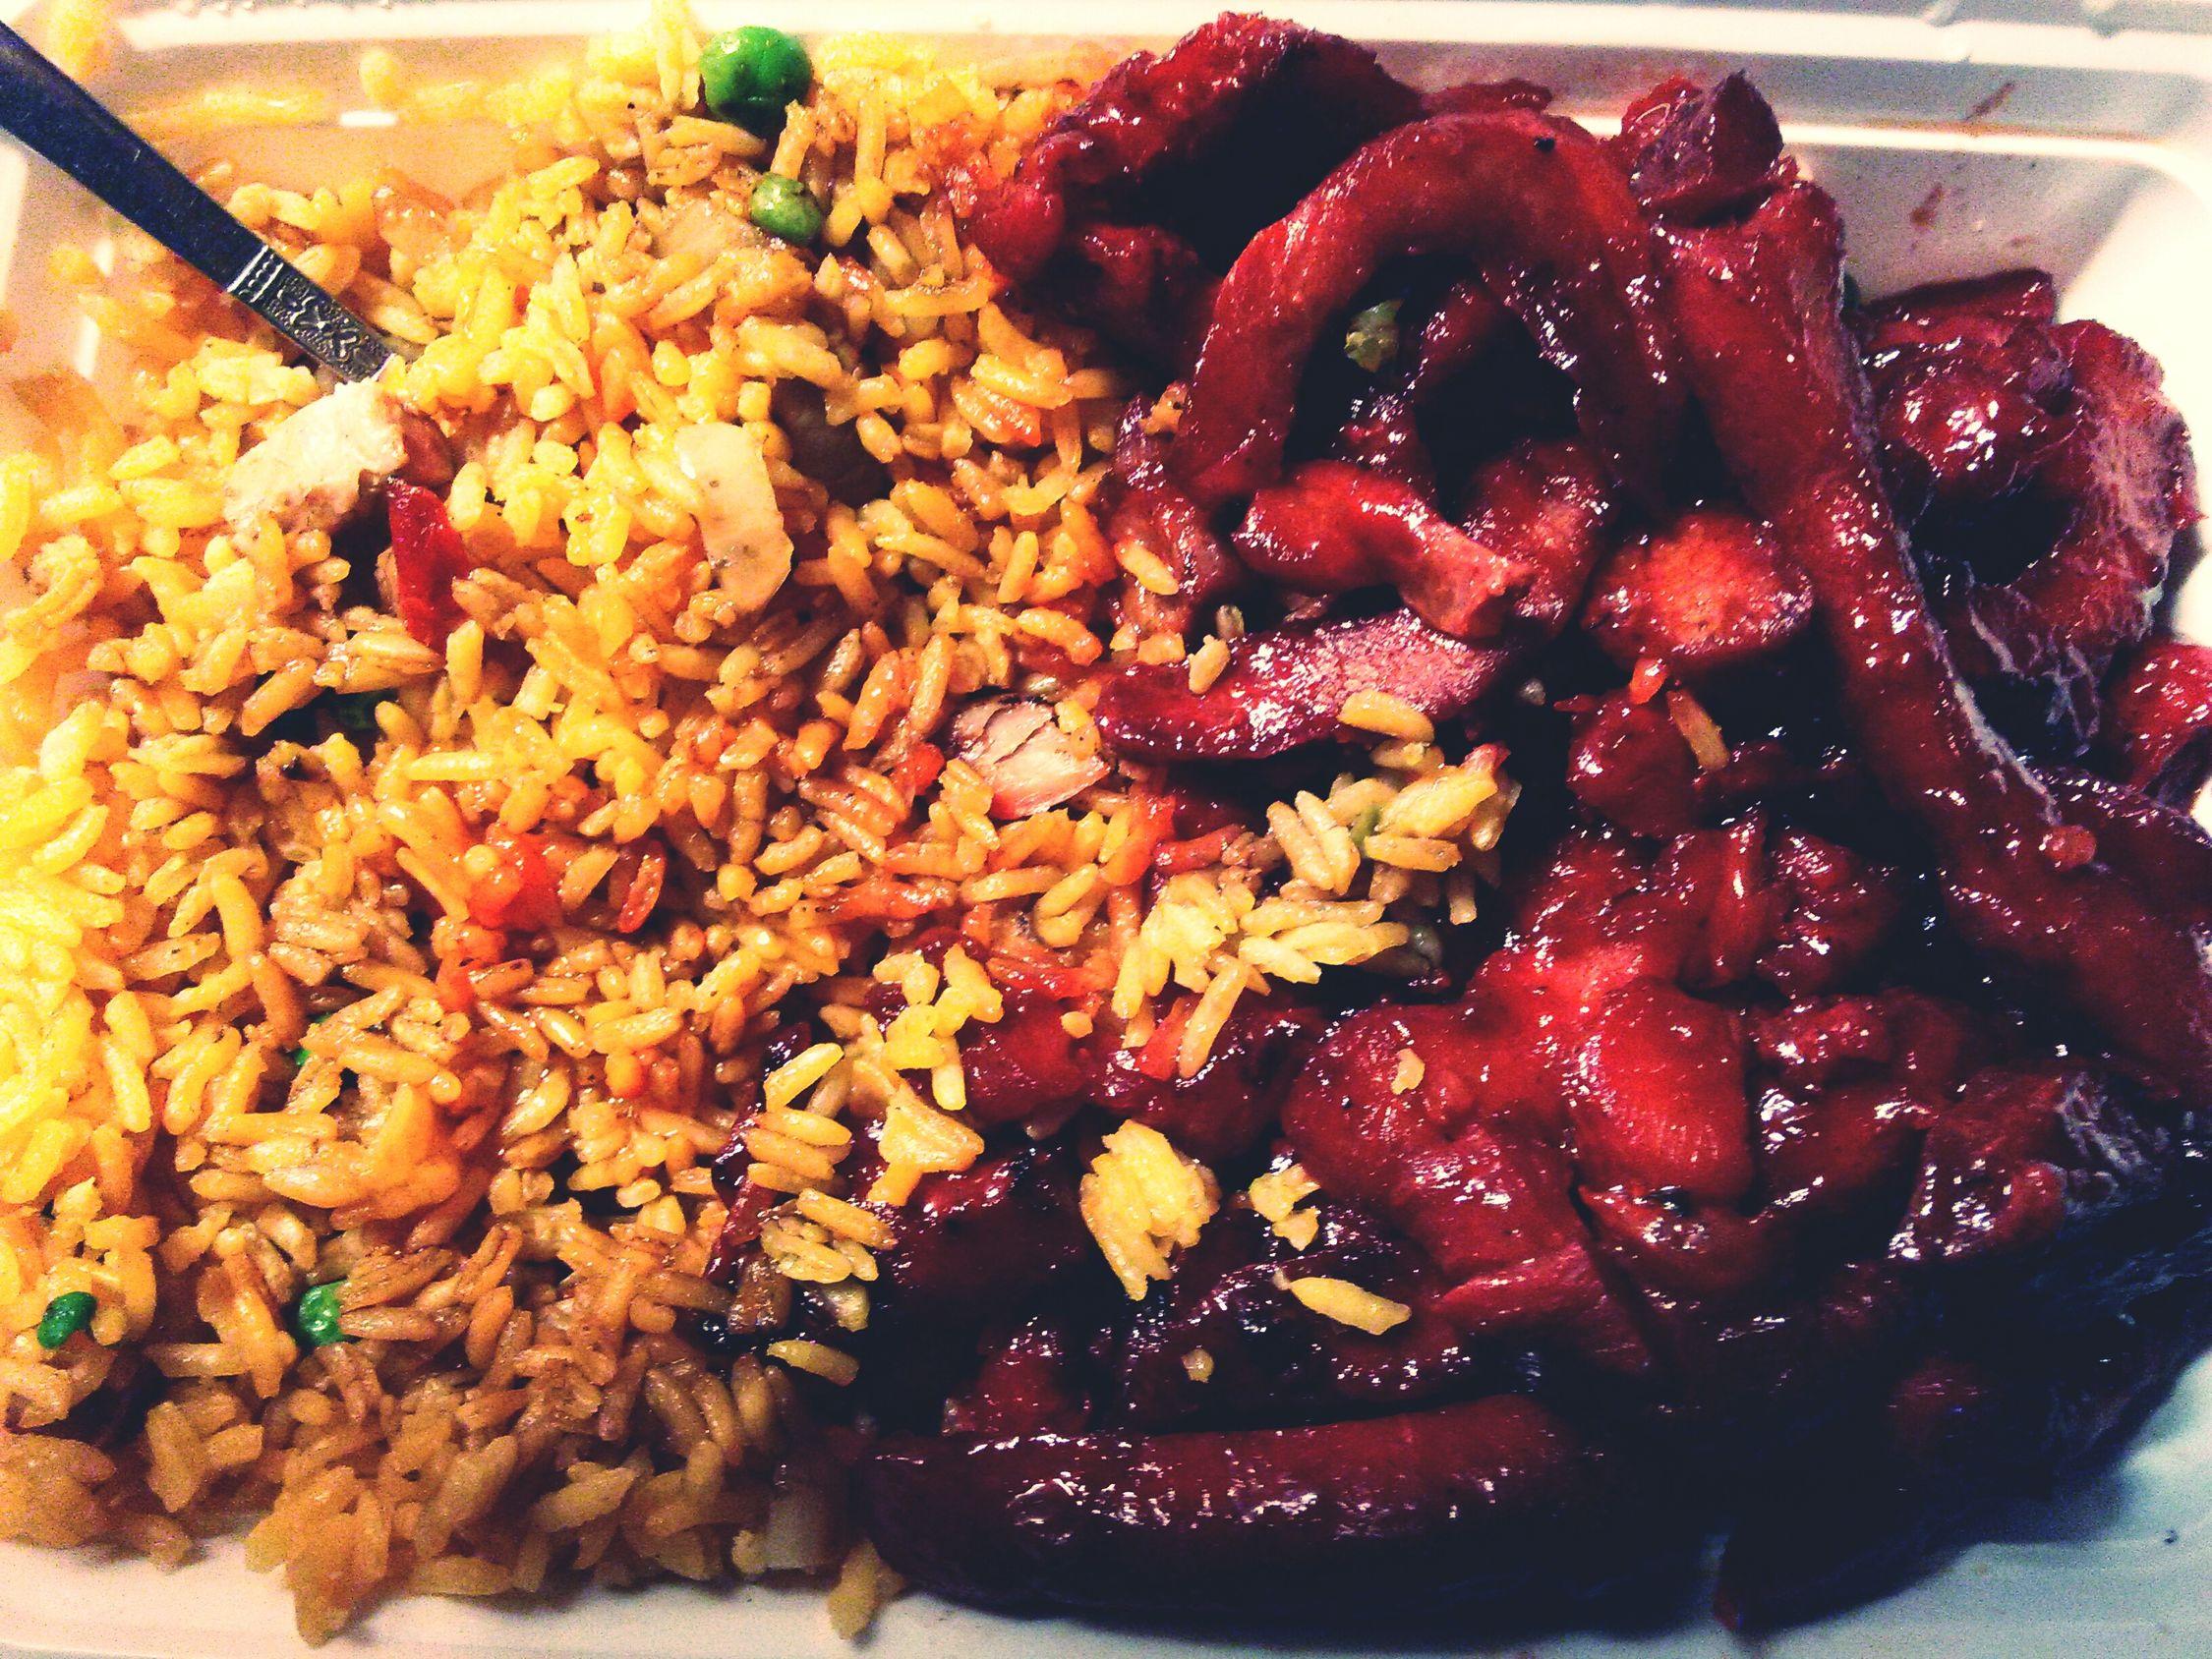 What's For Dinner? Chinese Food Bonelessspareribs Friedrice Yum